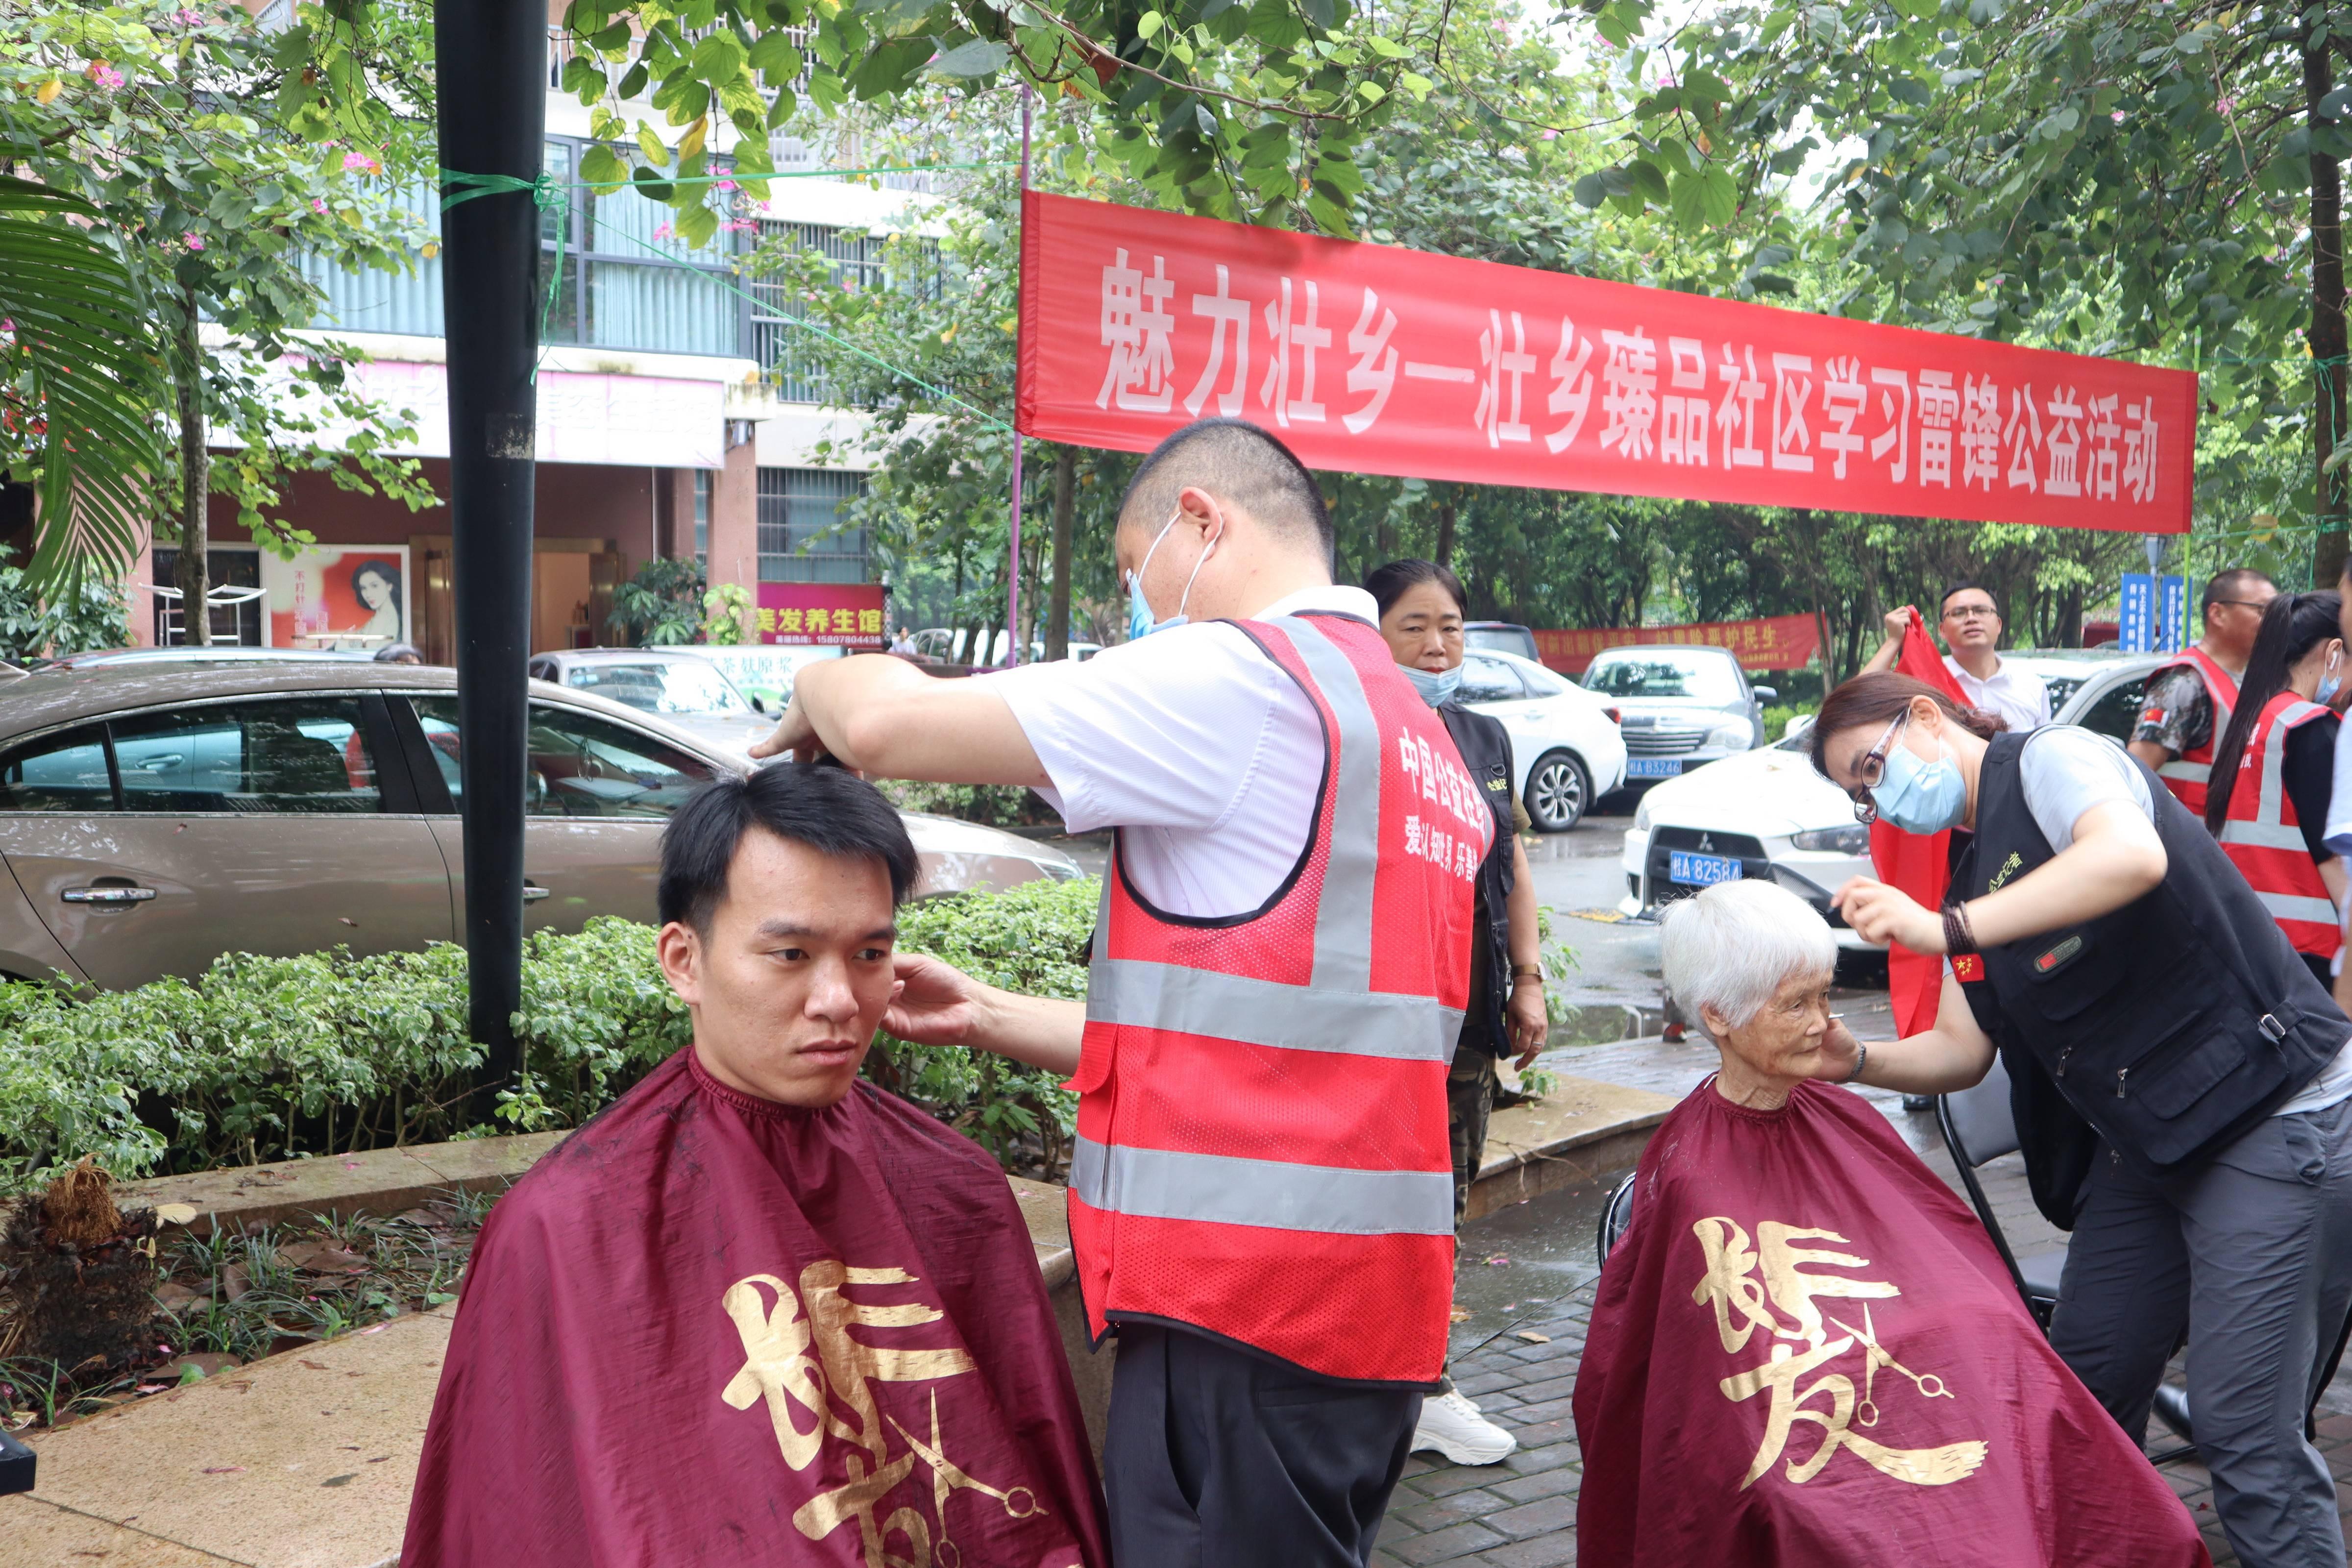 南宁善行记 |  社区公益暖人心,壮乡人在行动